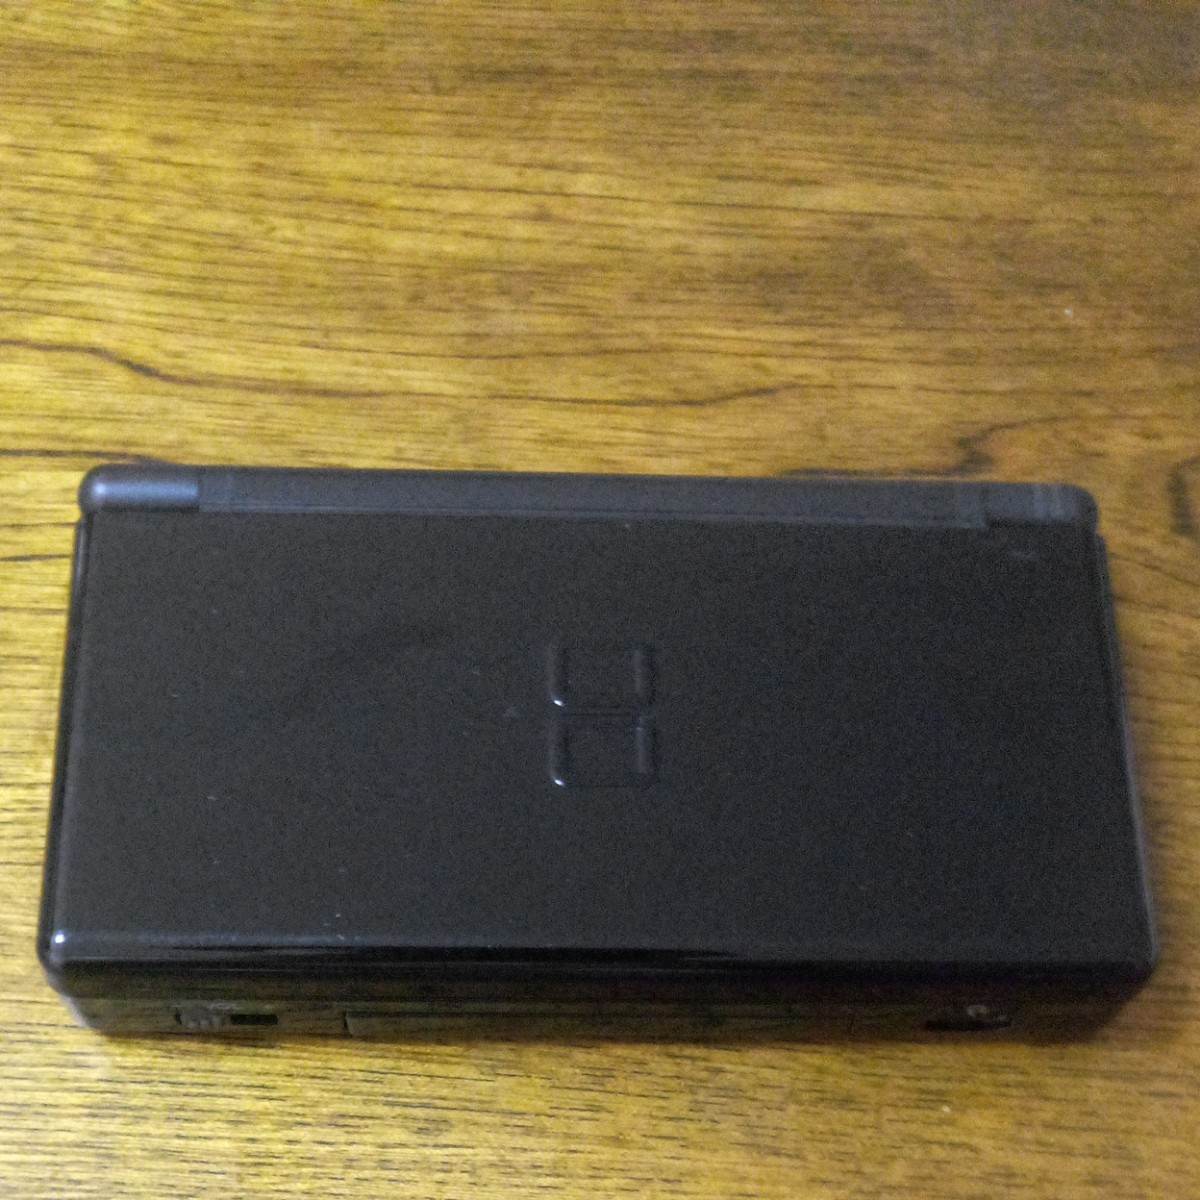 ニンテンドーDS Lite 任天堂 ブラック